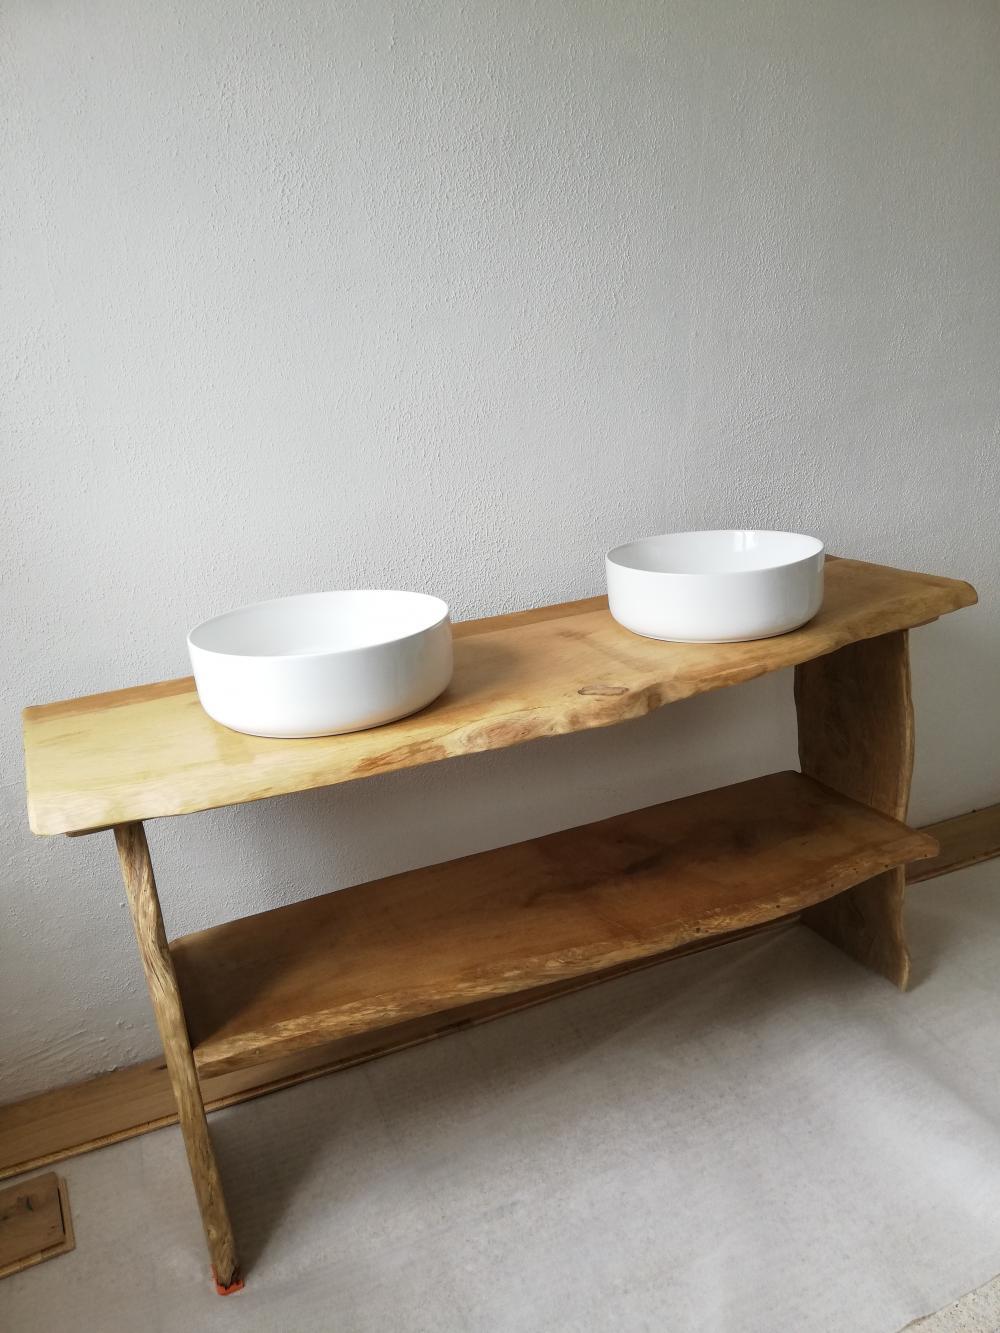 Meuble de salle de bain en chêne clair à bords irréguliers + étagère – 950.00€